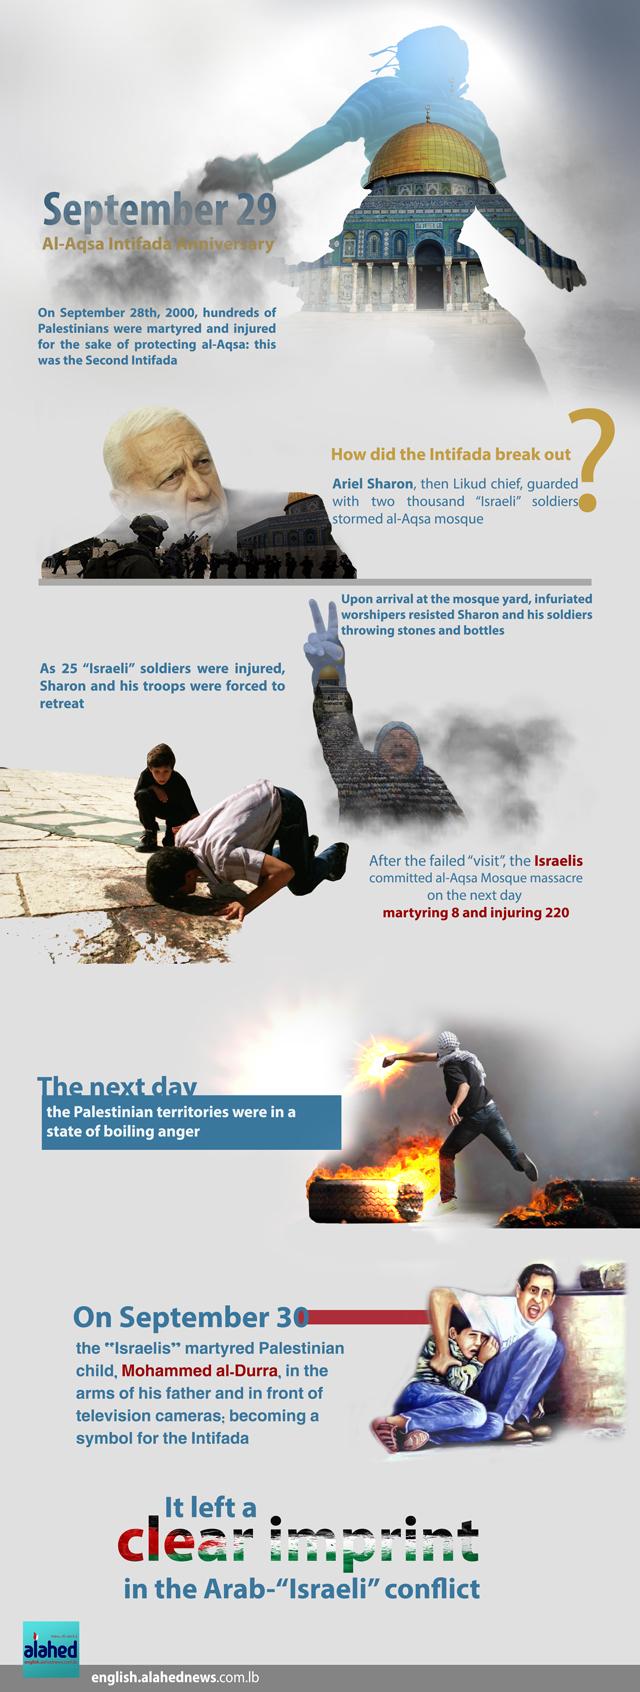 pflp uprootedpalestinians s blog al aqsa intifada anniversary